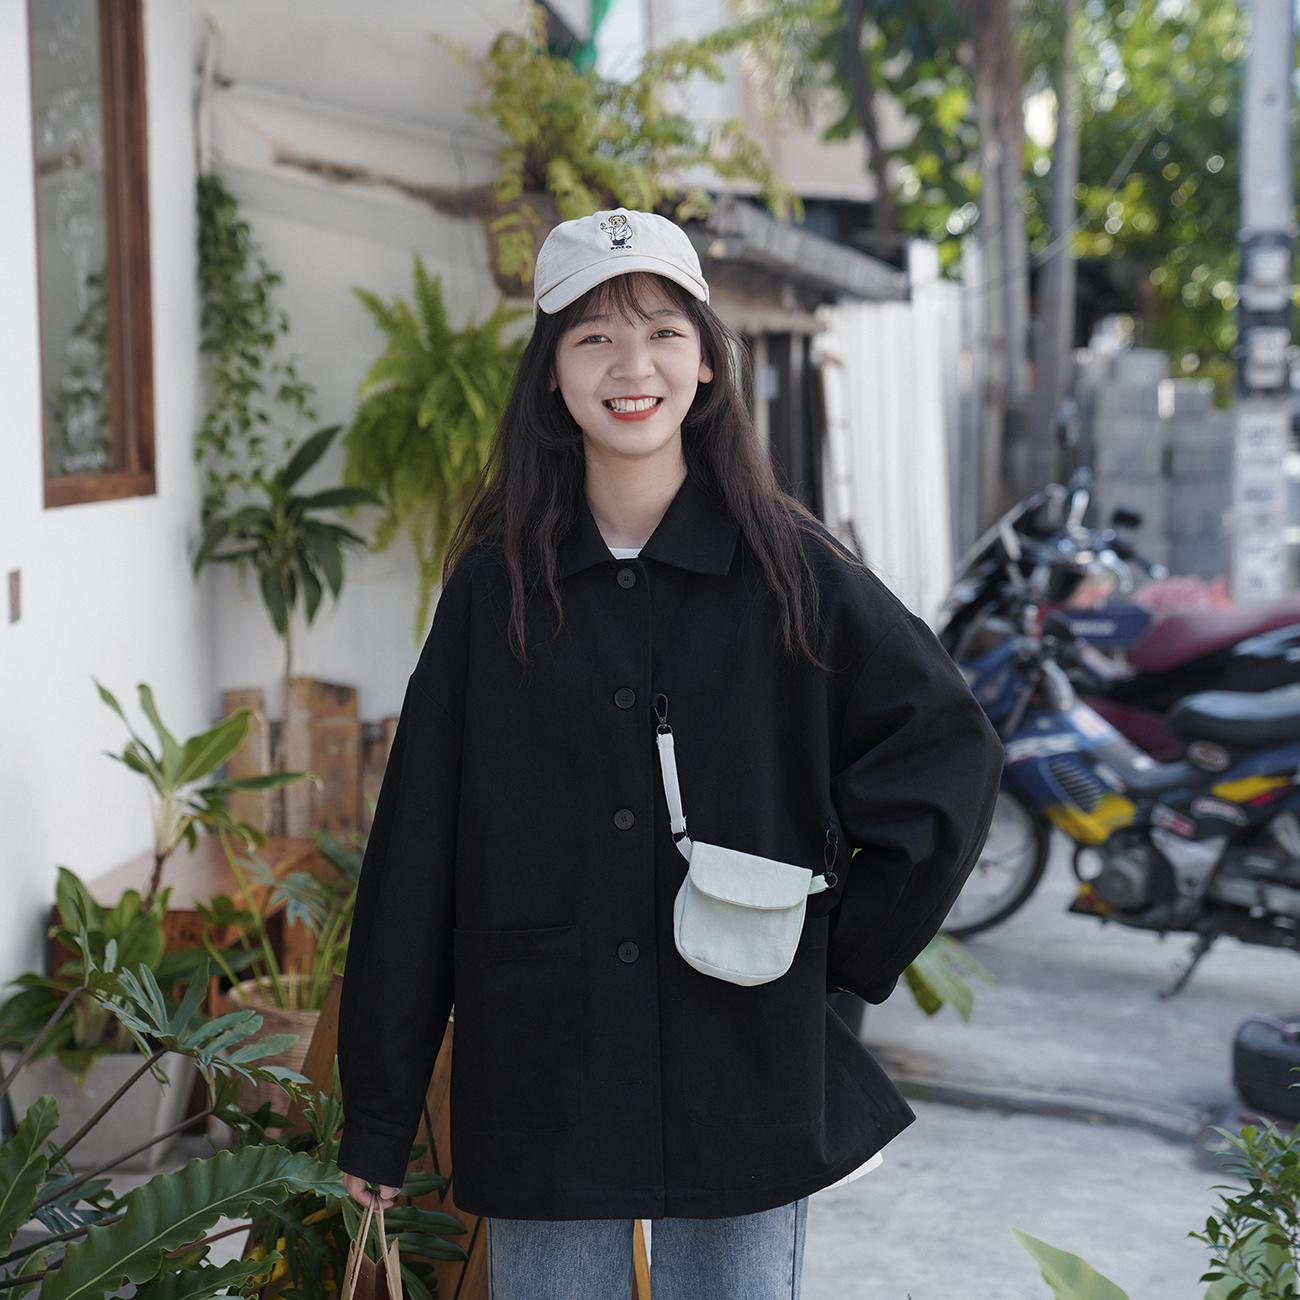 春装新款港味学生黑色工装外套 纯色外套不需要华丽的装饰